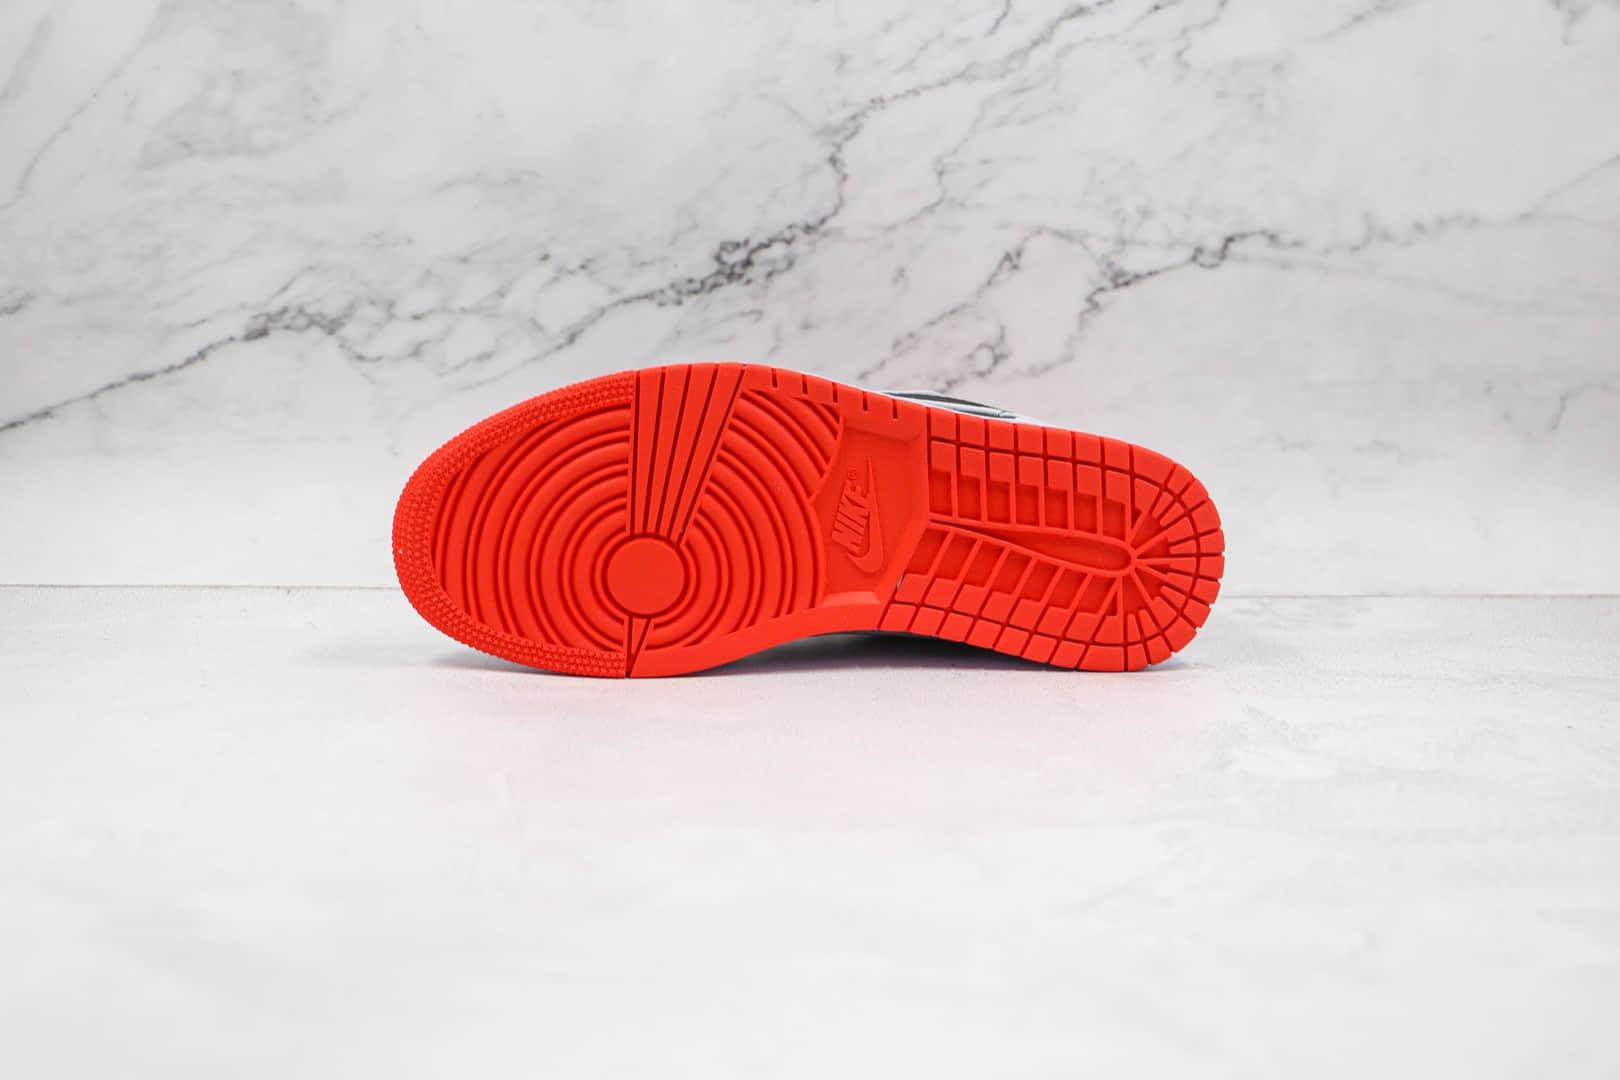 乔丹Air Jordan 1 Low纯原版本低帮AJ1篮球鞋黑灰红色原档案数据开发 货号:553558-022